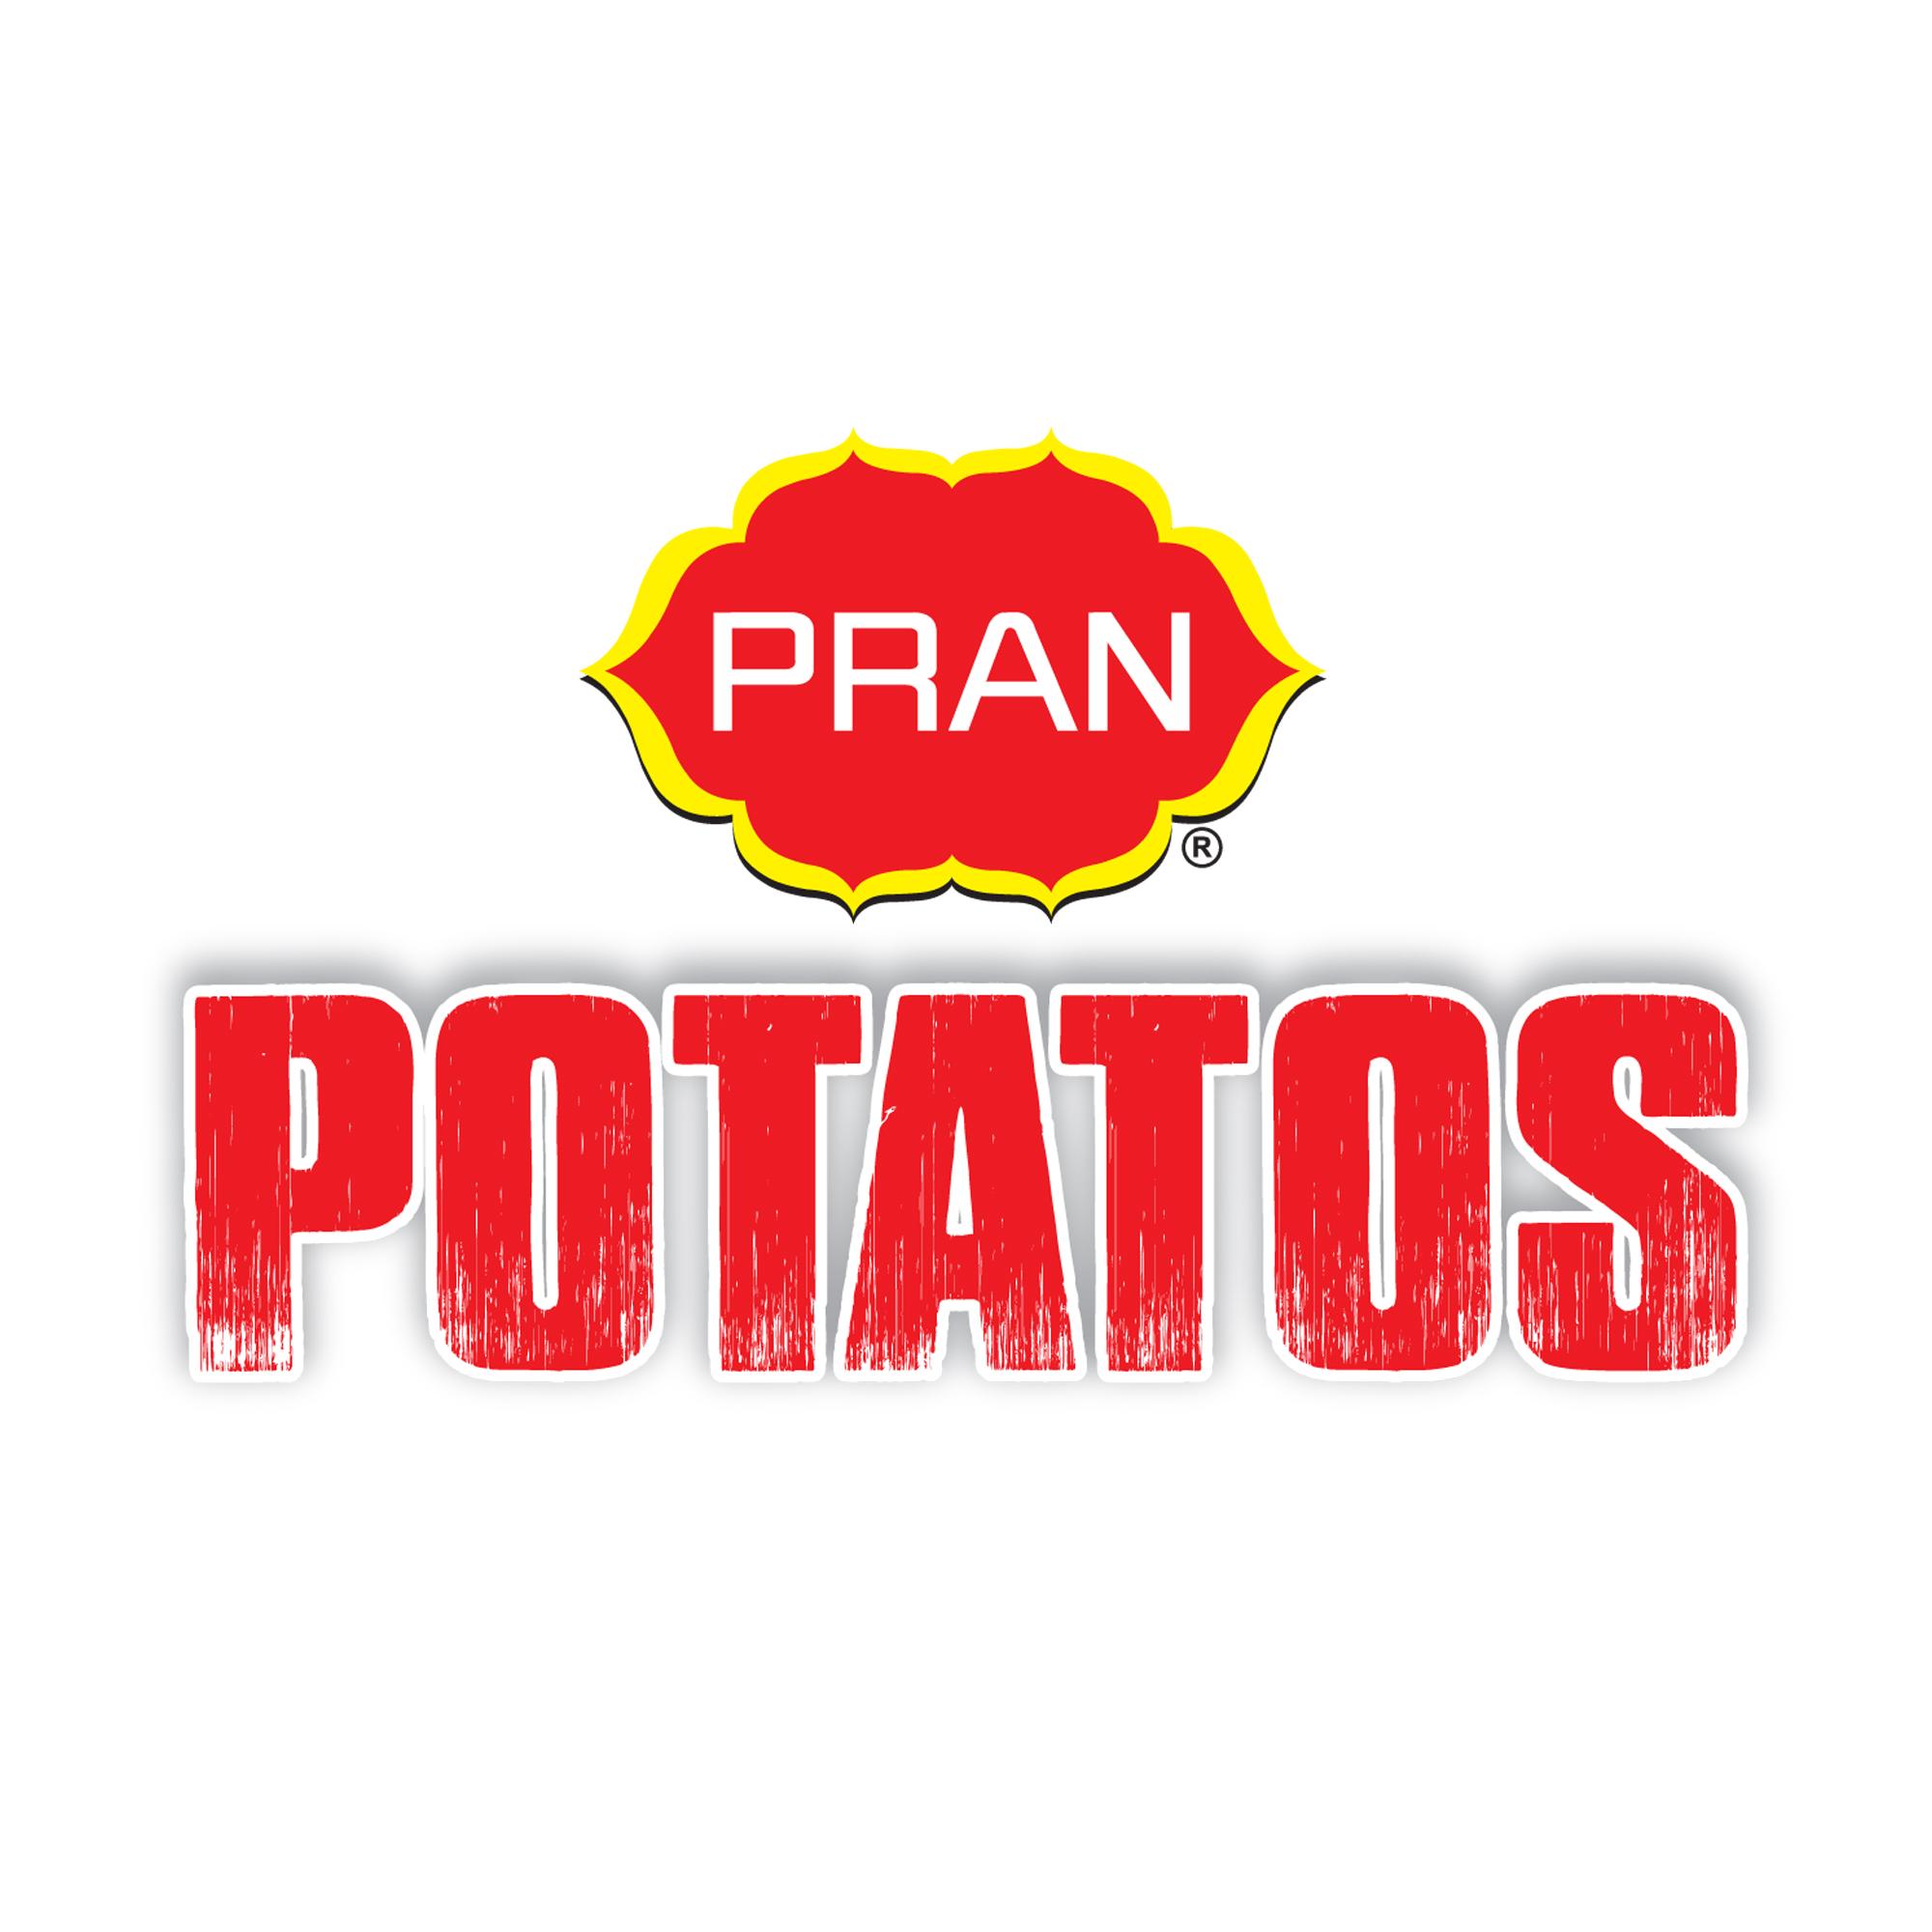 PRAN Potatos